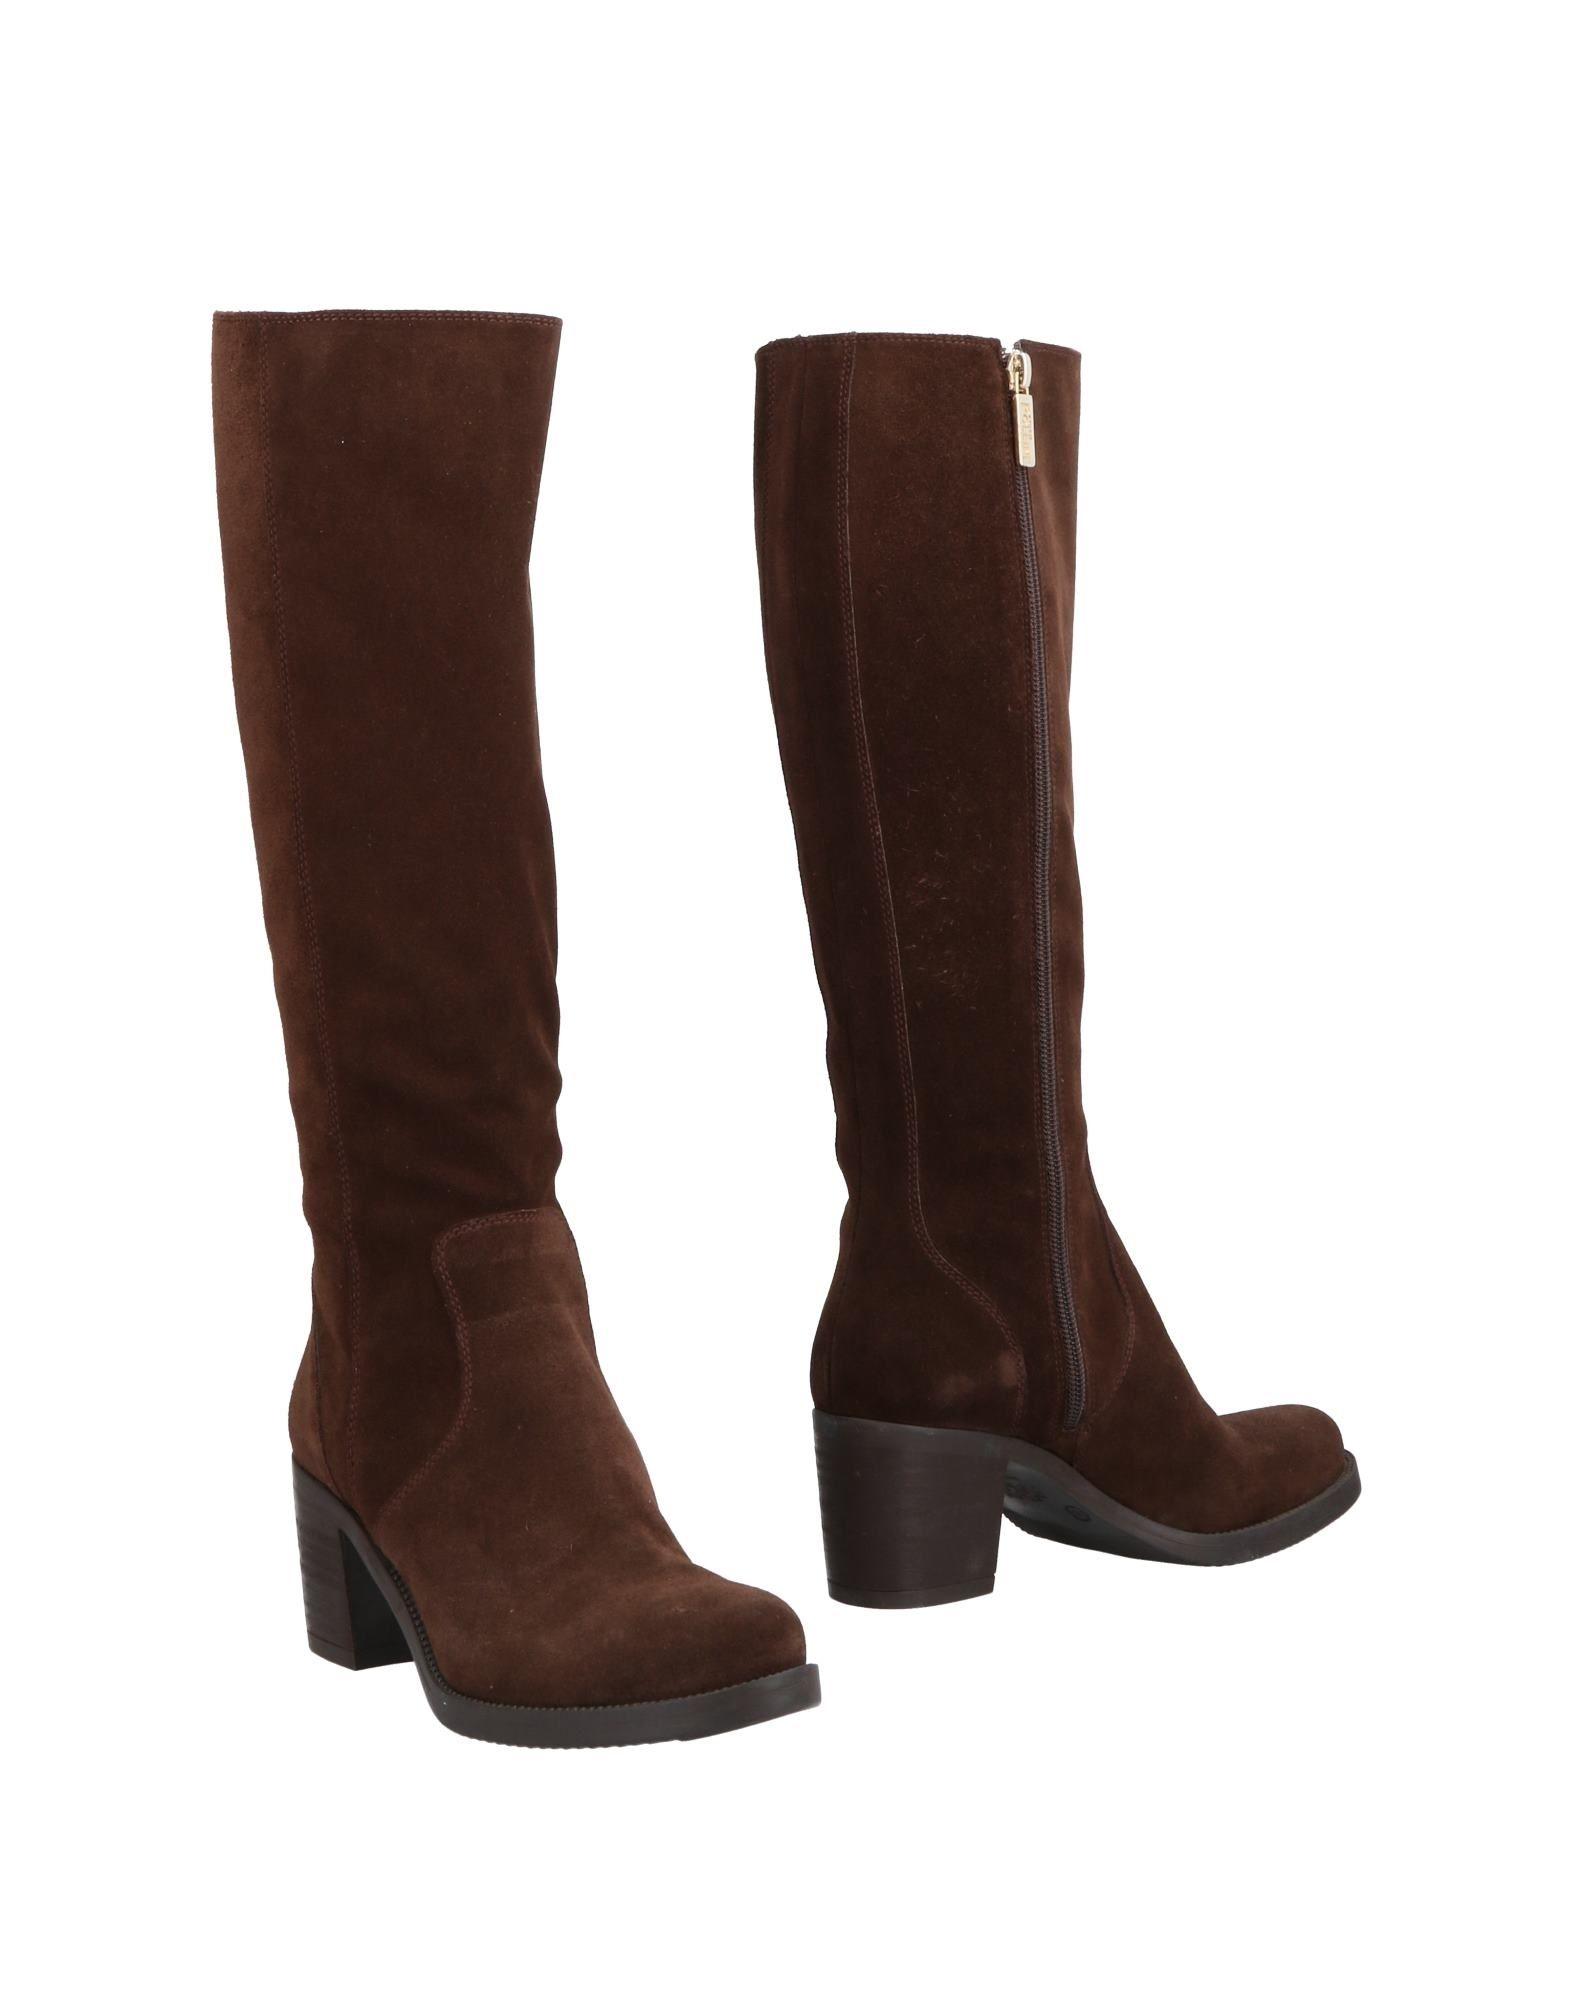 Rabatt Schuhe Studio Pollini Stiefel Damen Damen Stiefel  11503507LW 7db3d4